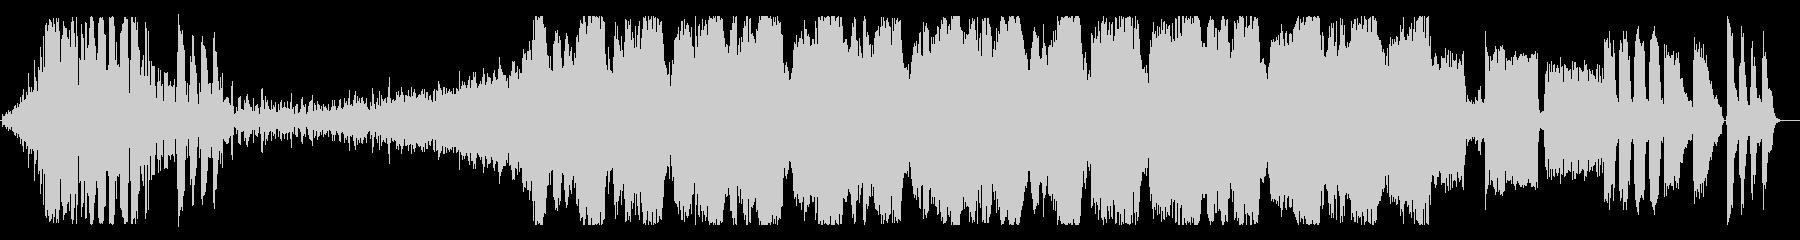 エキサイティングなEDMオープニングの未再生の波形